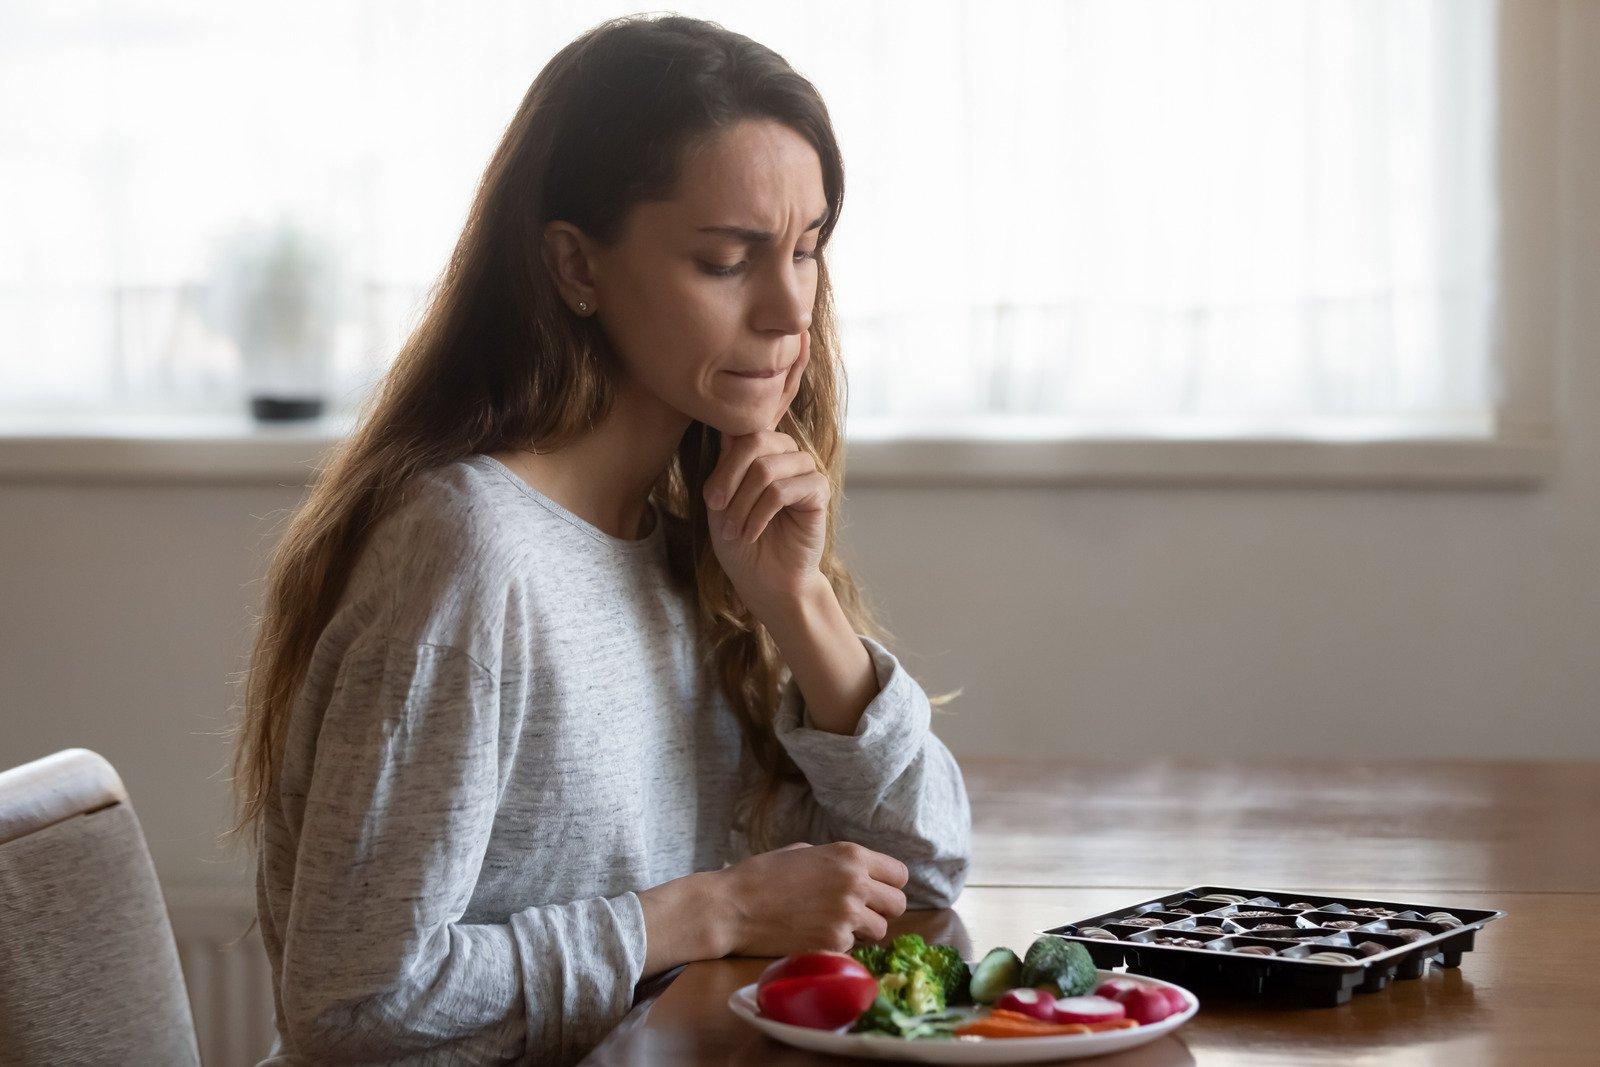 空腹なのに食べたいものがないorわからない時におすすめの思考法